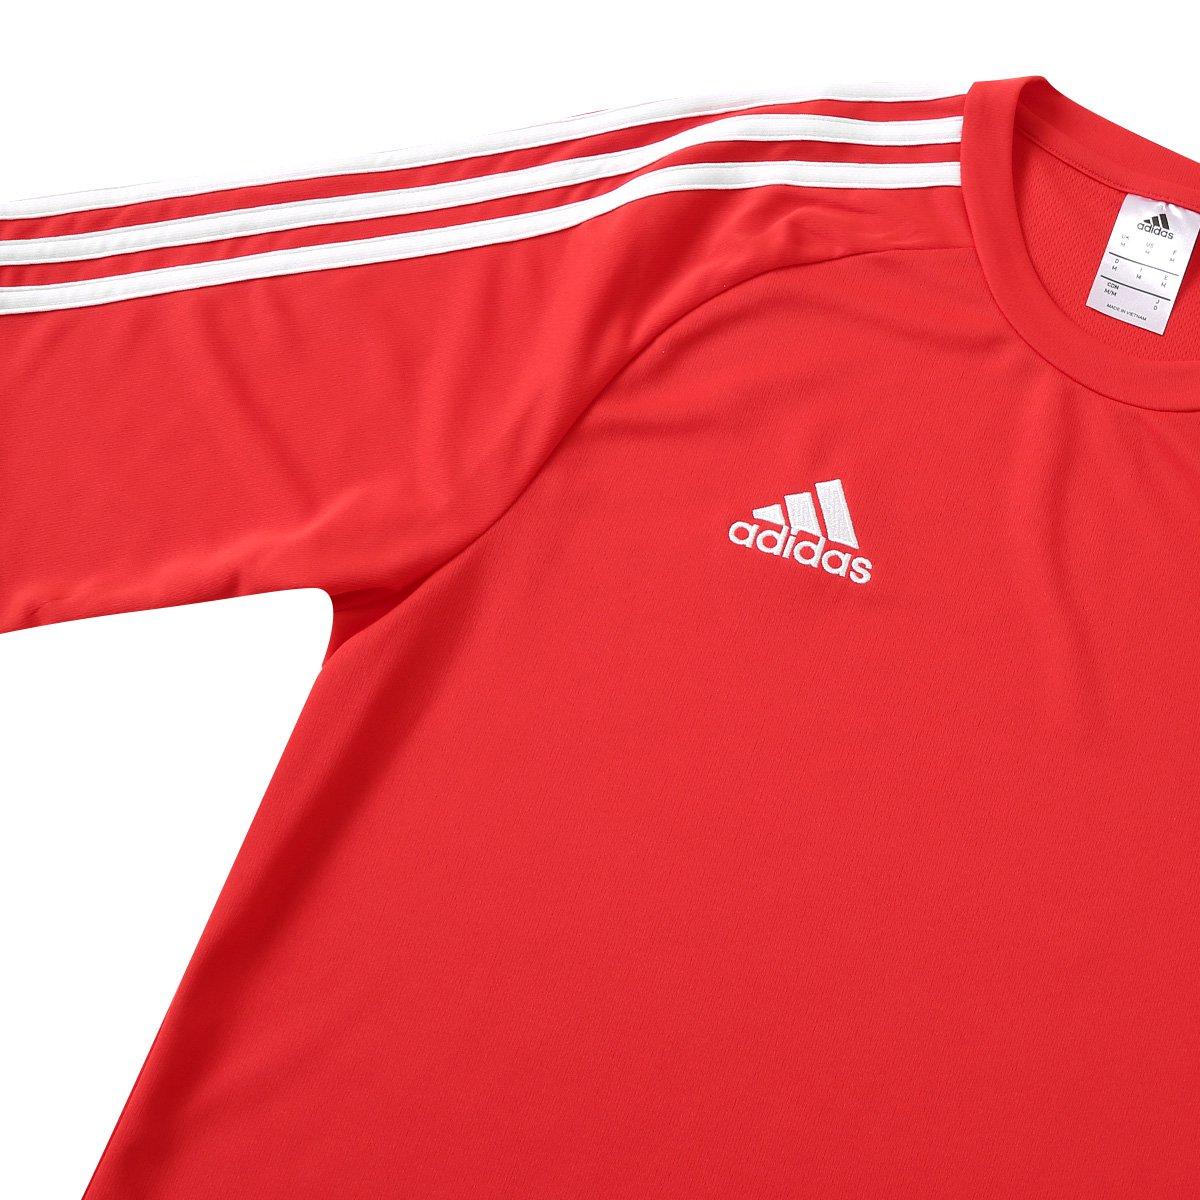 1ff314e0ce Camisa Adidas Estro 15 Masculina - Vermelho e Preto - Compre Agora ...